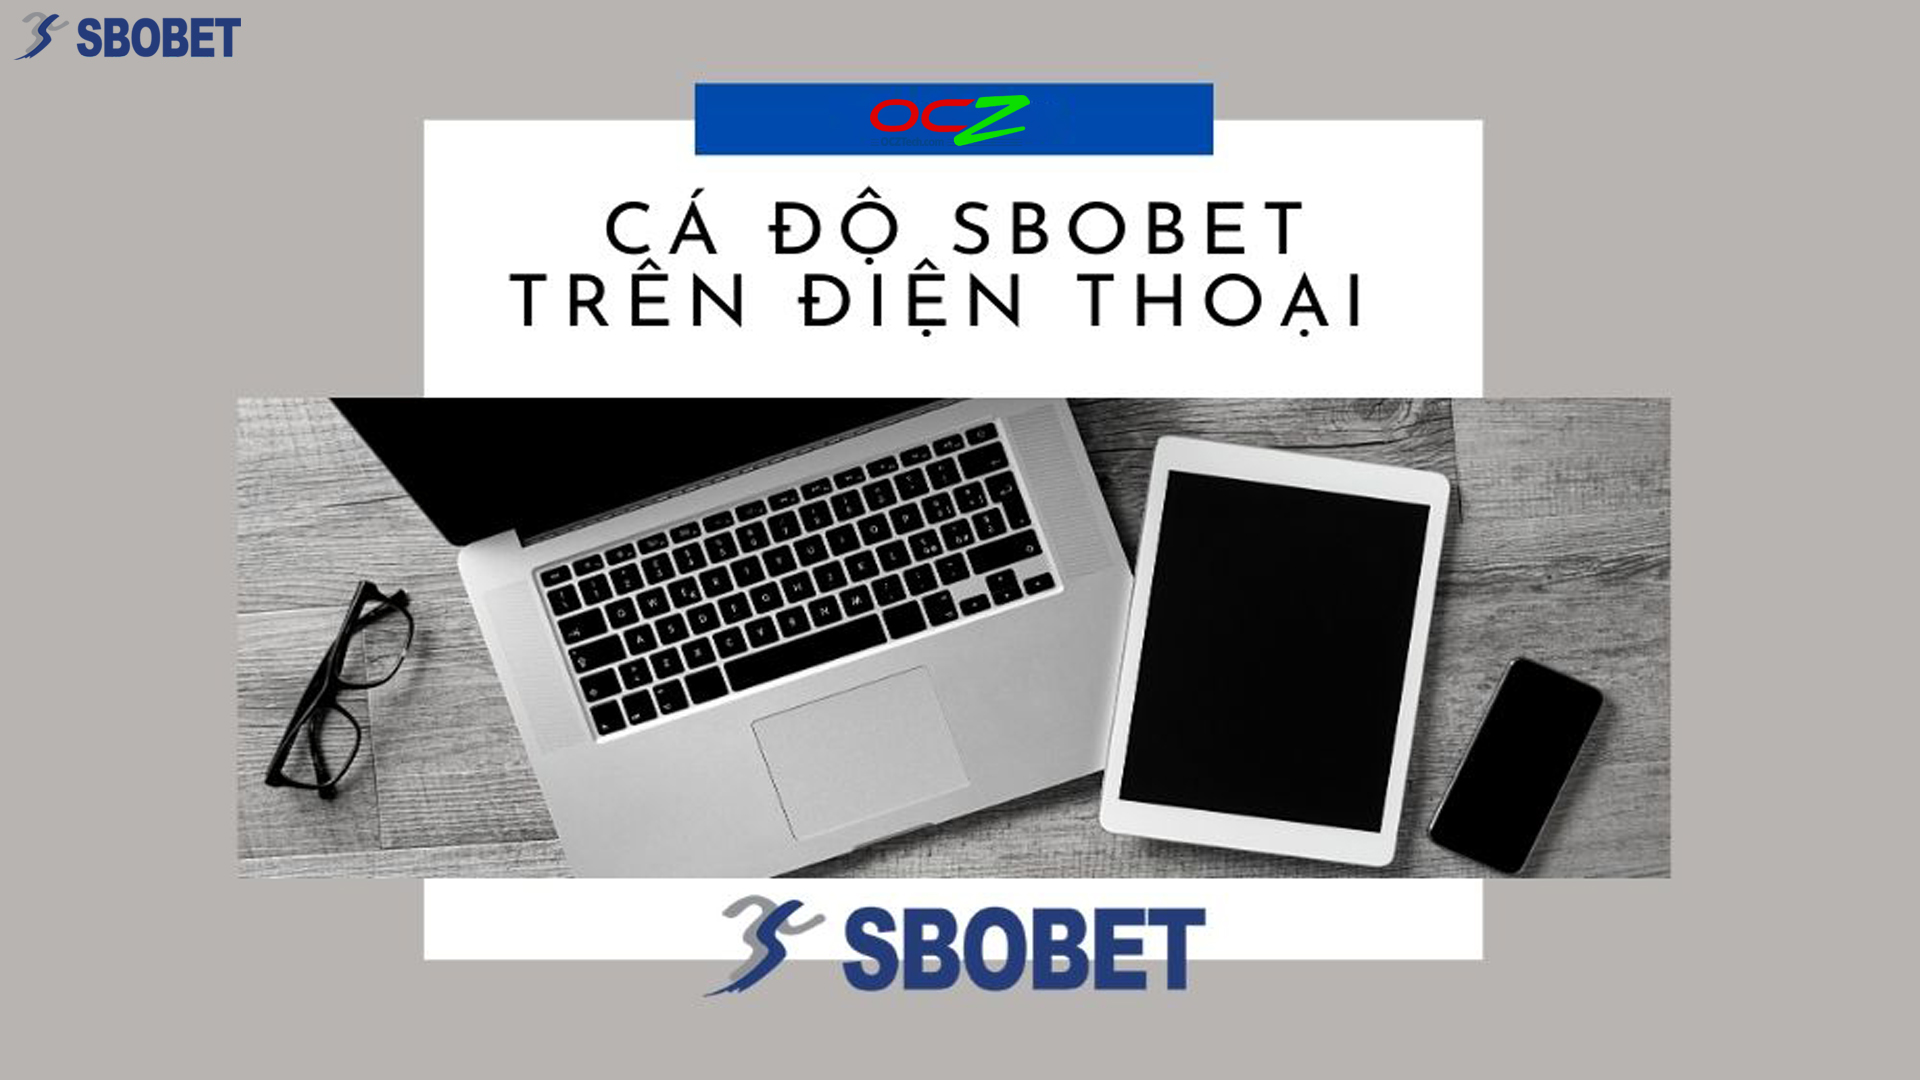 Vì sao nên download ứng dụng Sbobet?